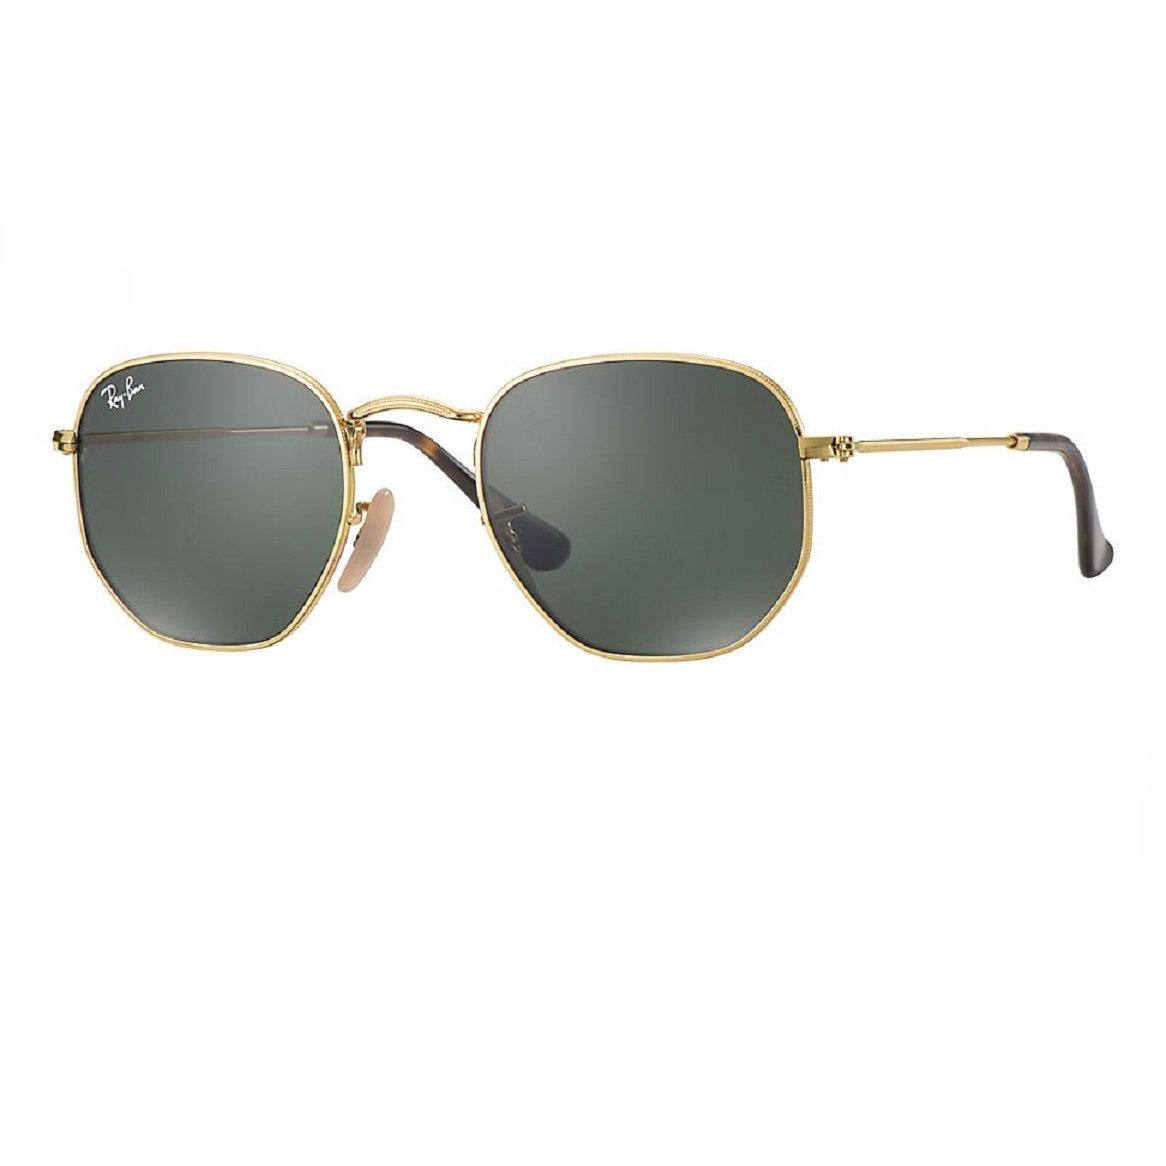 Óculos de Sol Ray Ban Hexagonal RB 3548NL 001 - Dourado e Preto ... 6dcf3e285b